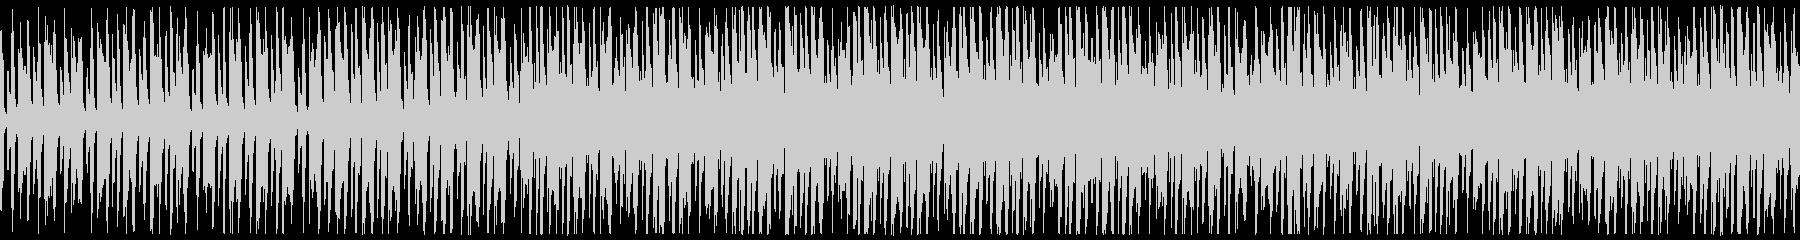 【ドラム抜き】明るいほのぼのアンサンブルの未再生の波形